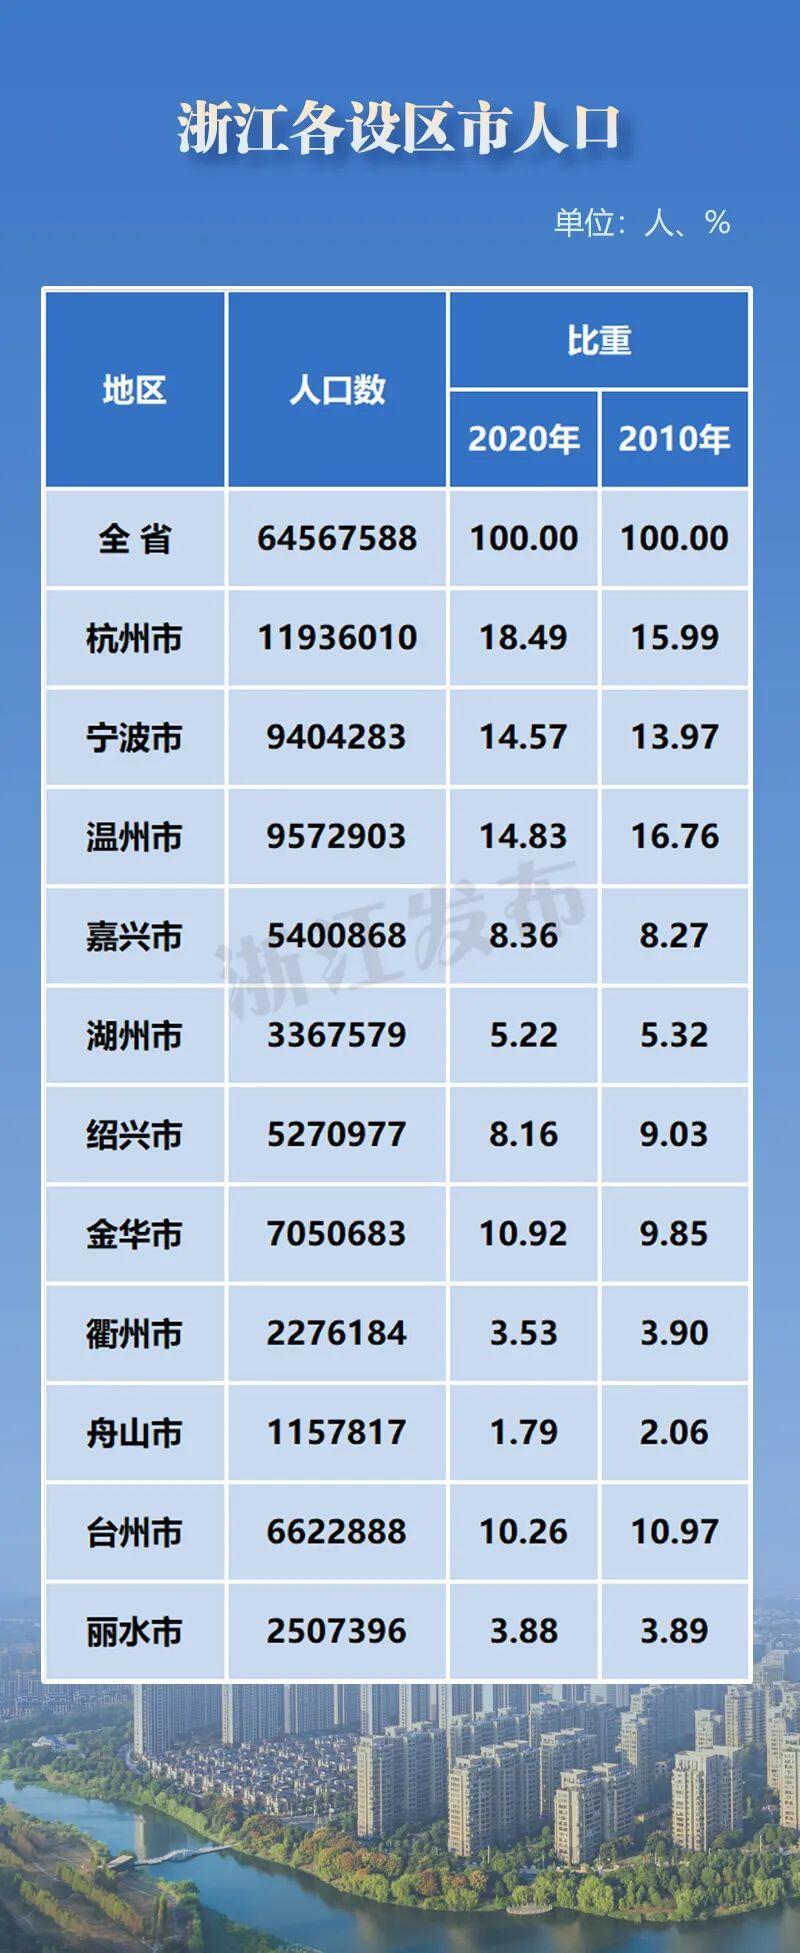 台州人口_浙江台州城区首位度提升,人口快速聚集,楼市新房成交比重加大